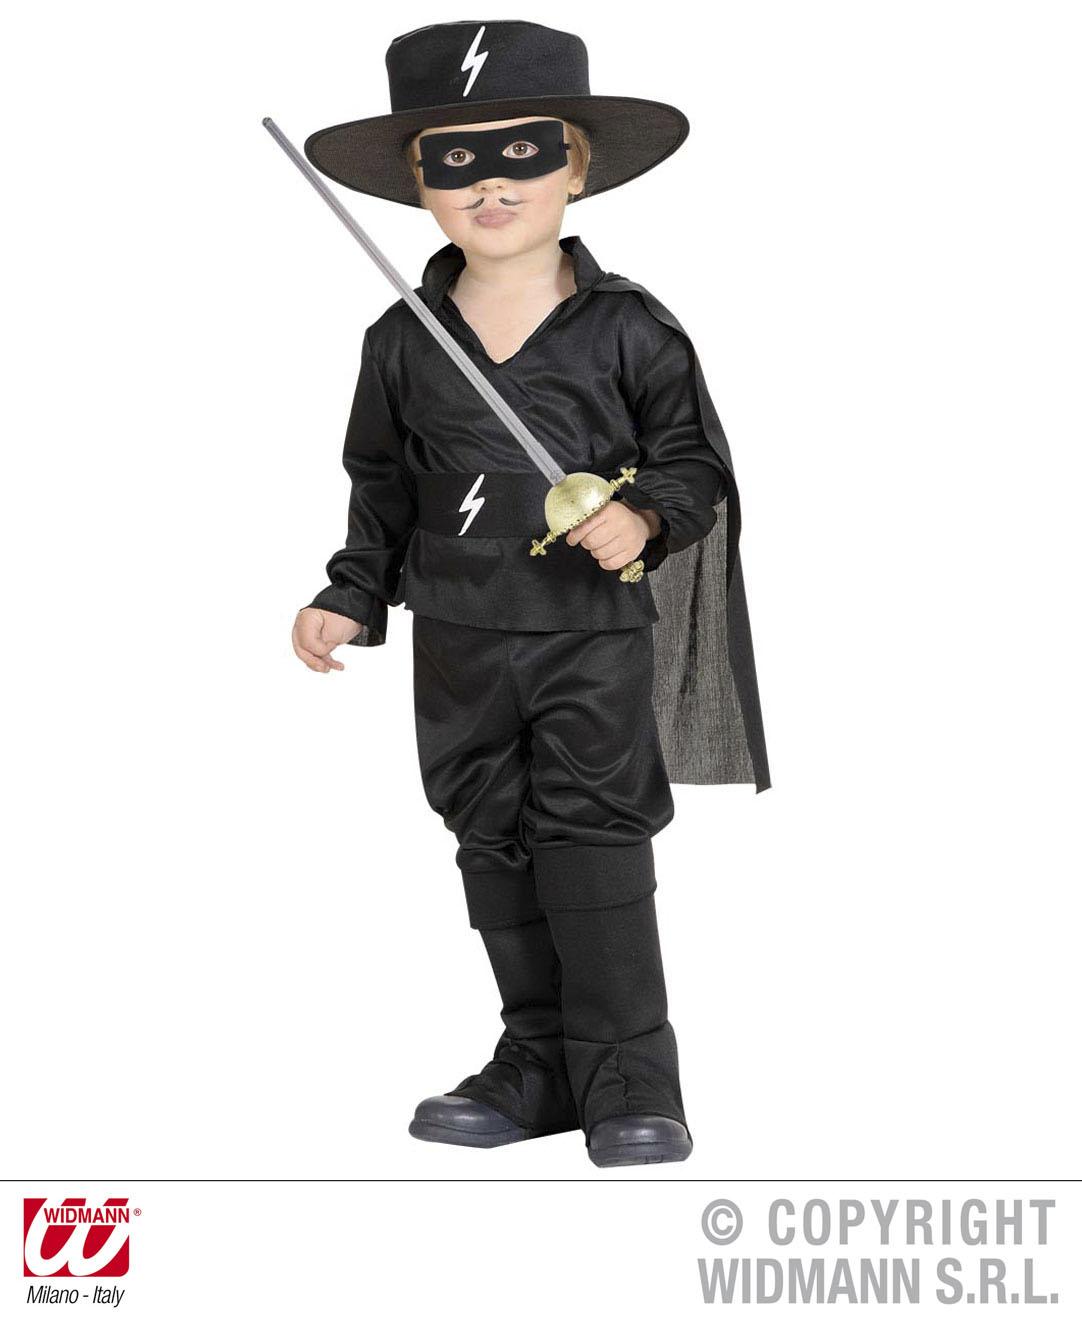 5 tlg. Komplett Kostüm Kleiner maskierter Bandit, Kinder 98, 104